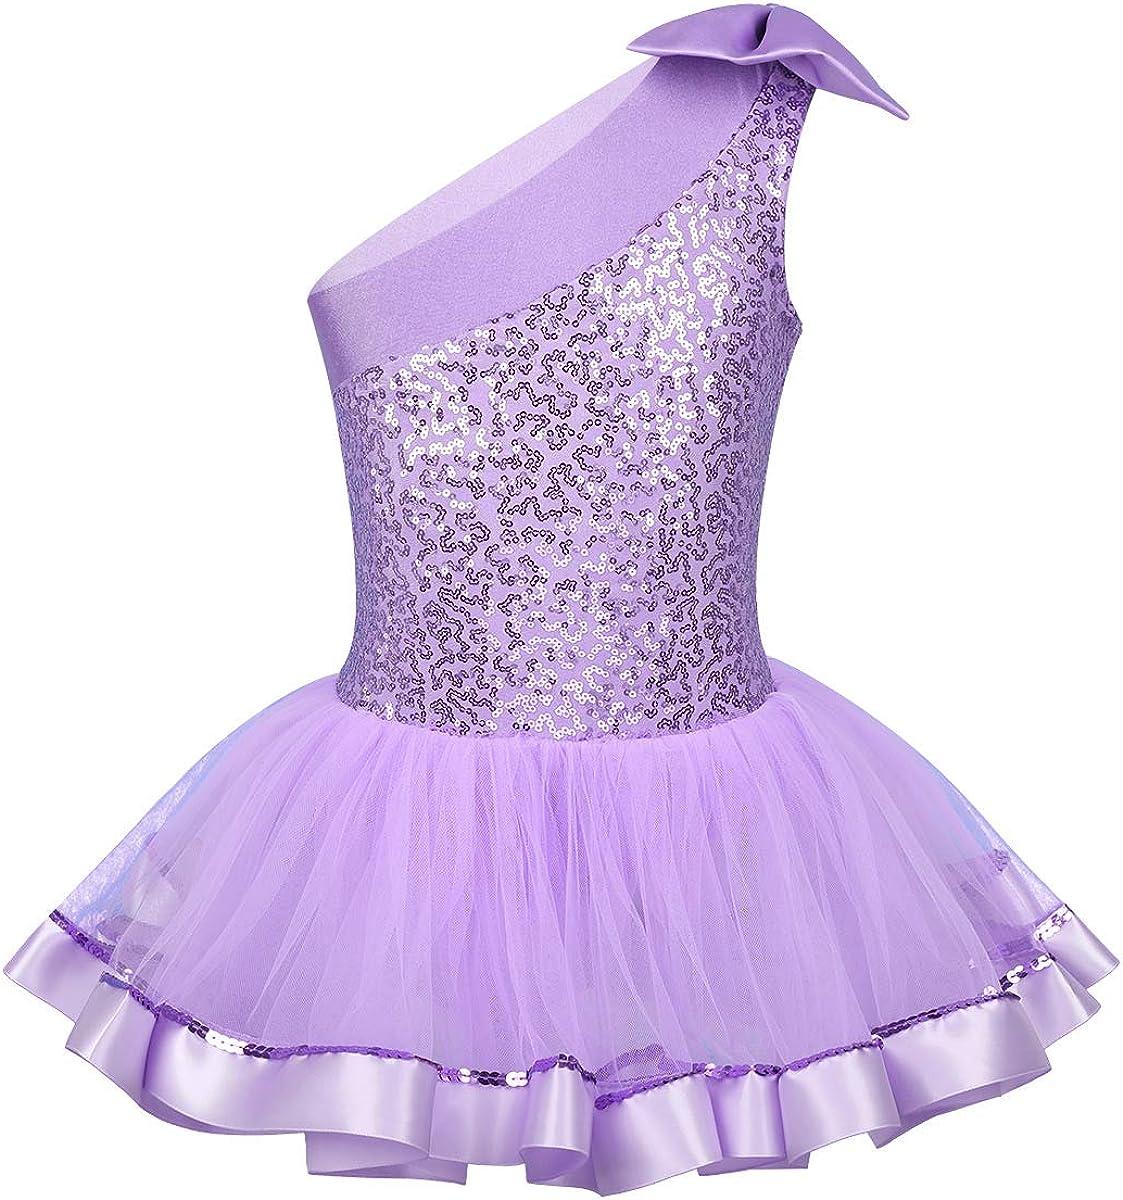 renvena Kids Girls One Shoulder Bowknot Shiny Sequins Leotard Tutu Dress for Ballet Dance Gymnastic Active